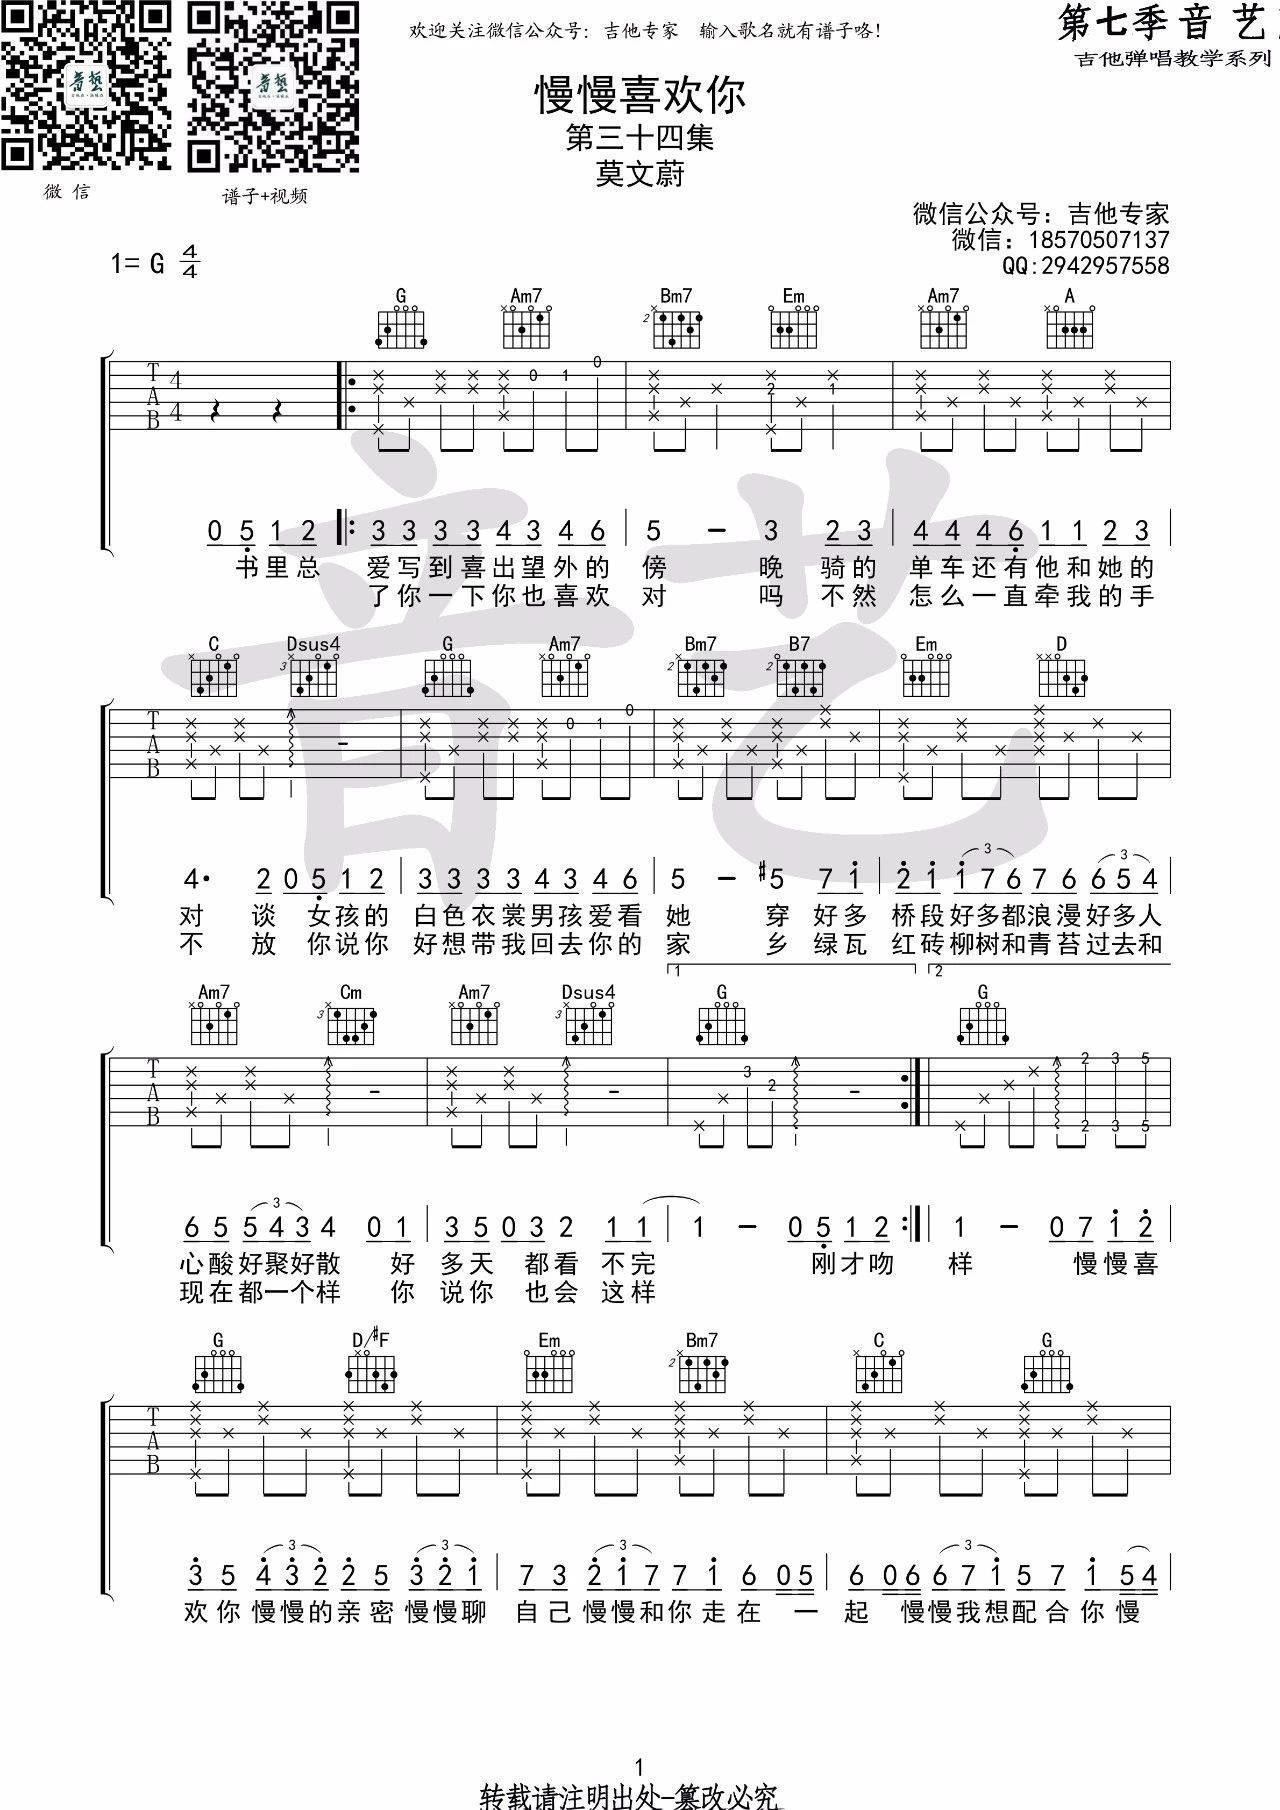 吉他派《慢慢喜欢你》吉他谱-1